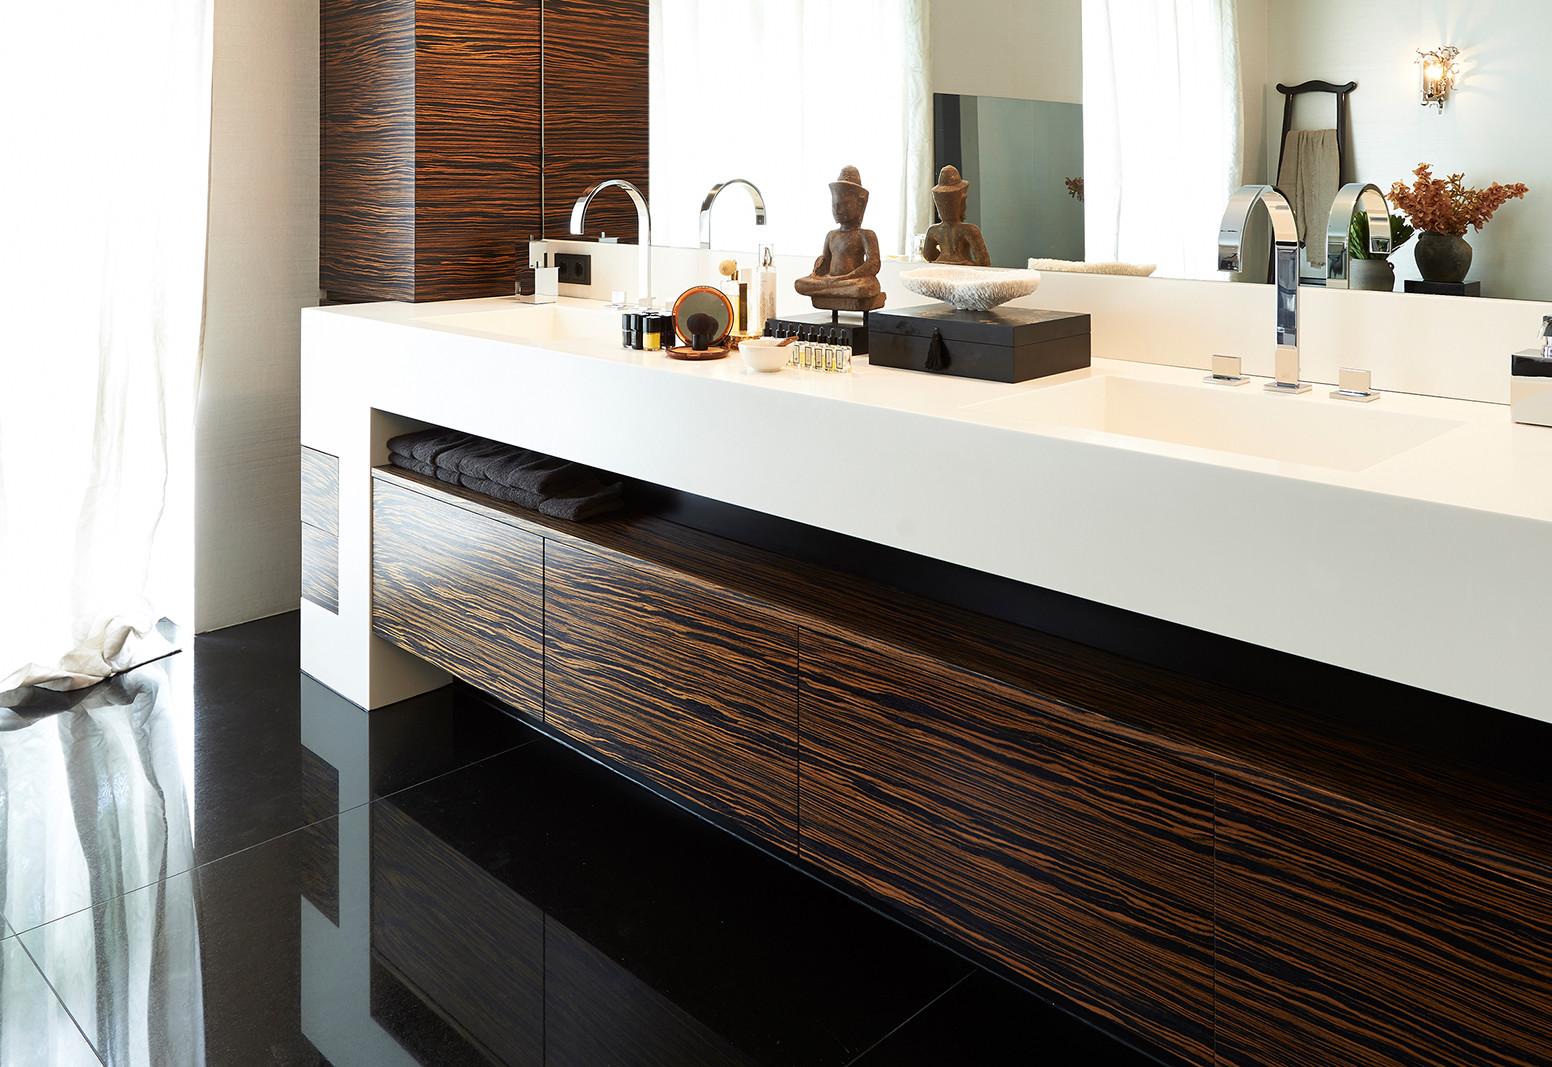 Hier sehen Sie ein Bild von Stefanie Raum Badezimmer Waschtisch Raum Contemporary Interior